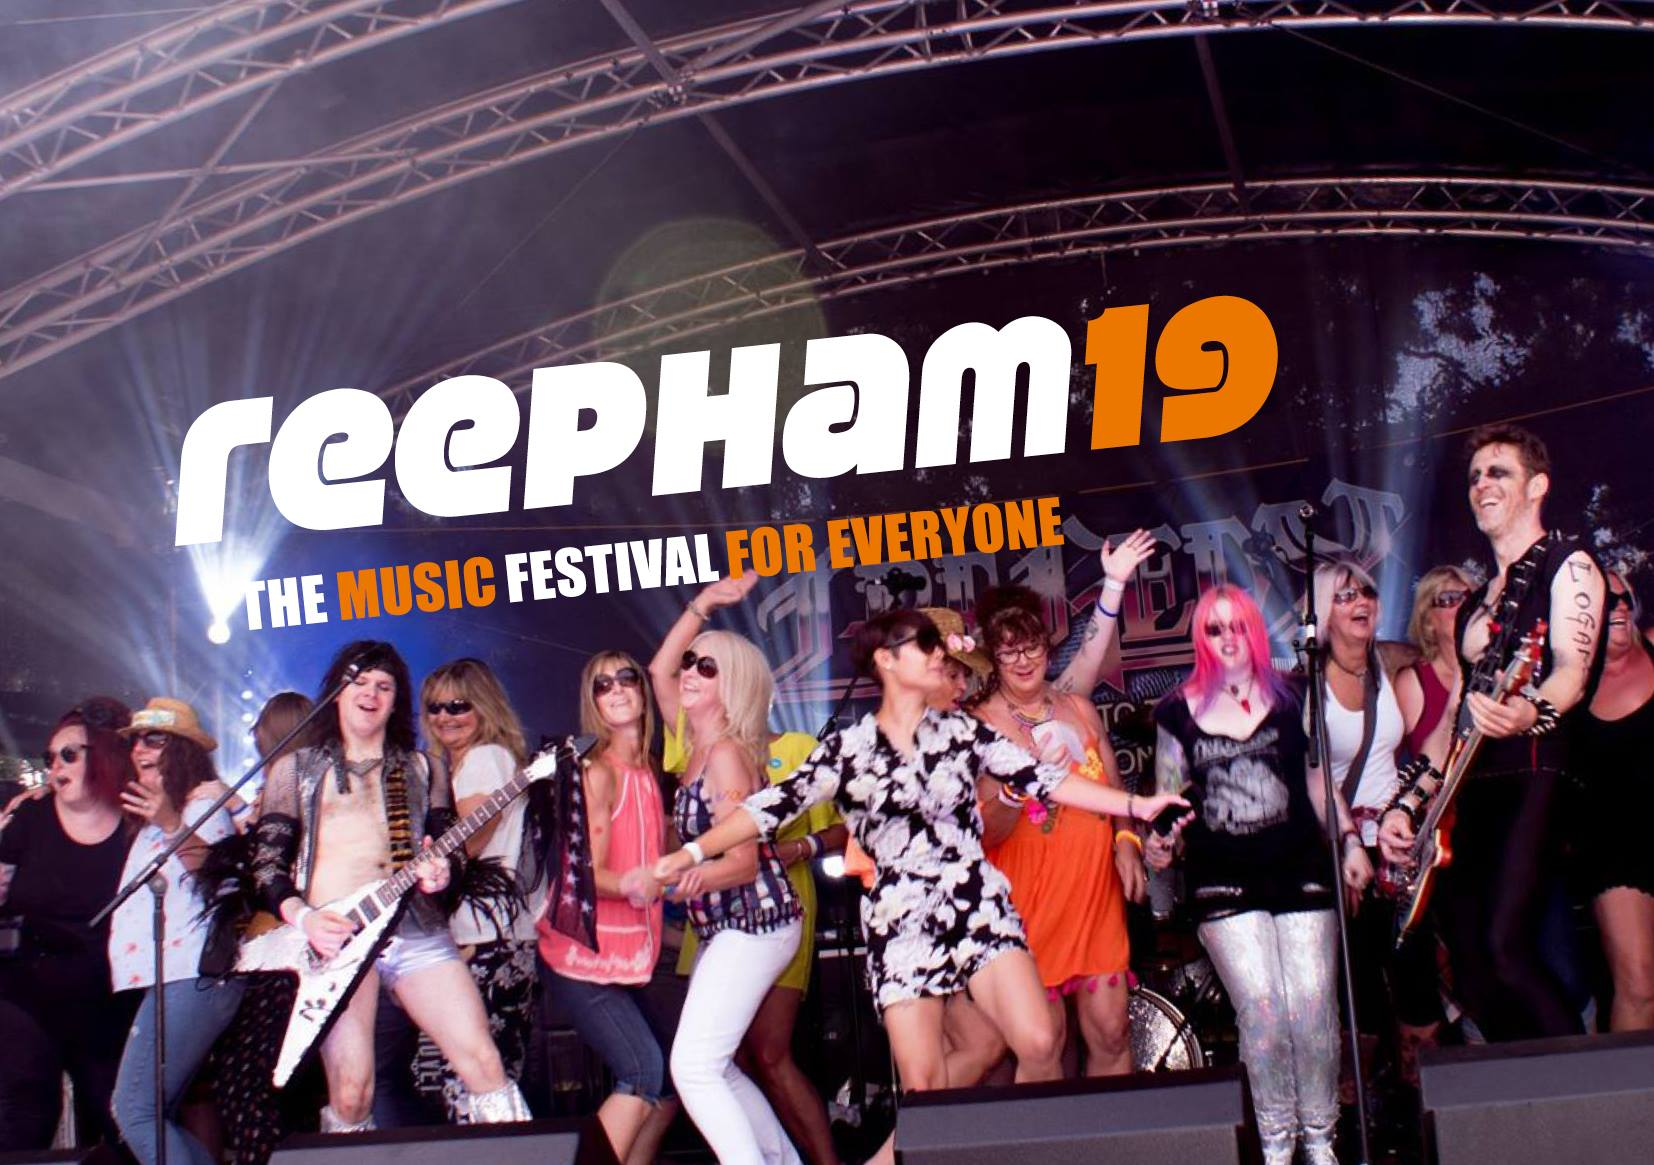 Reepham Musical Festival August 2019